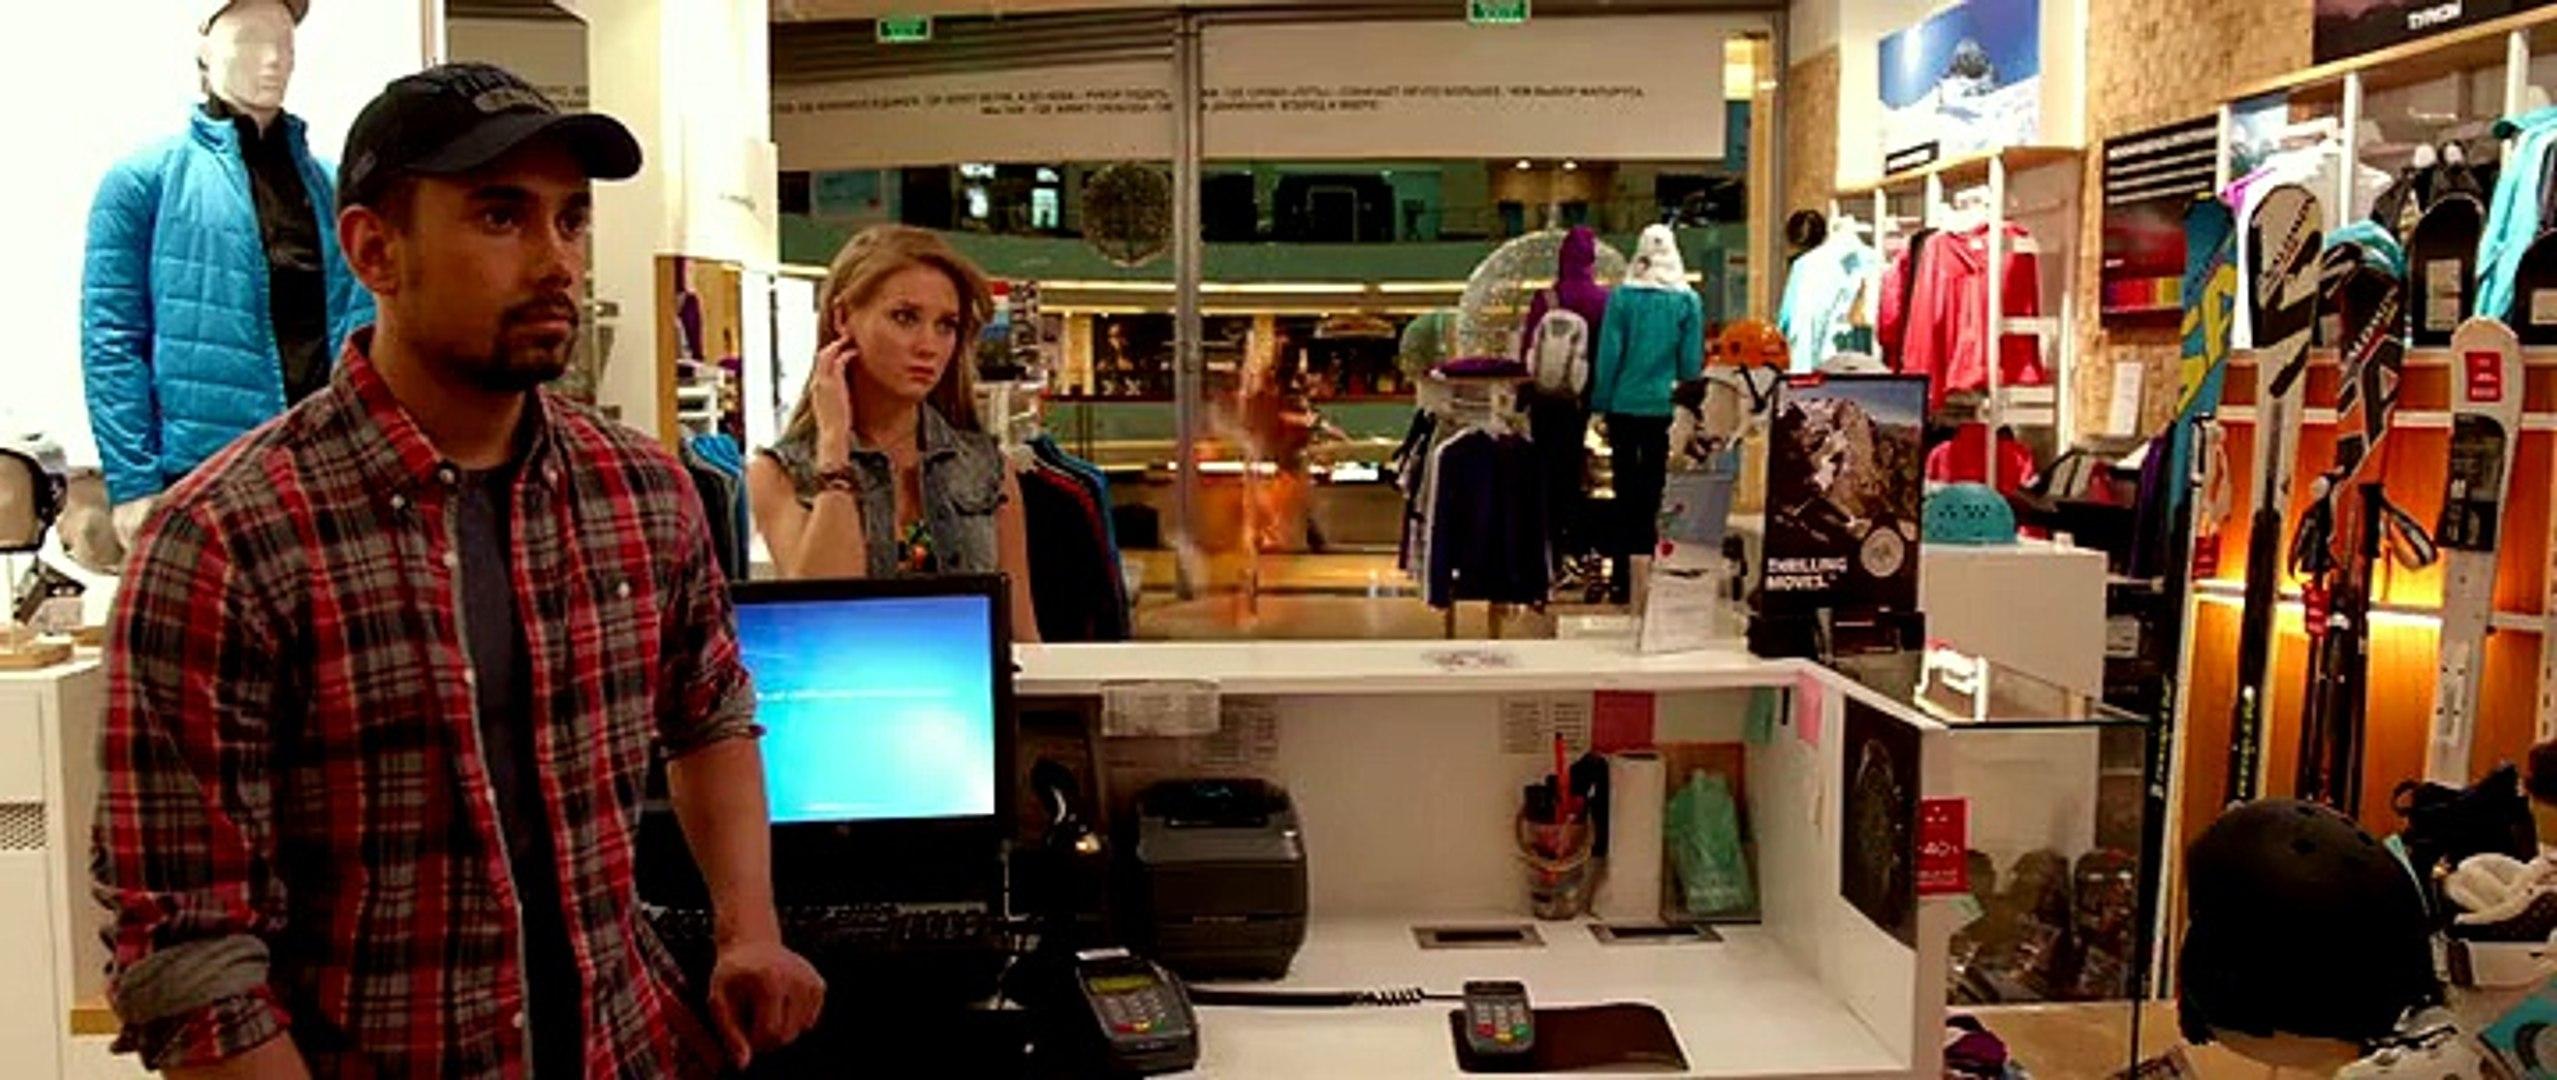 03/18/2015 01:17:32 Призрак 2015 смотреть онлайн бесплатно полный фильм 2015 без регистрации